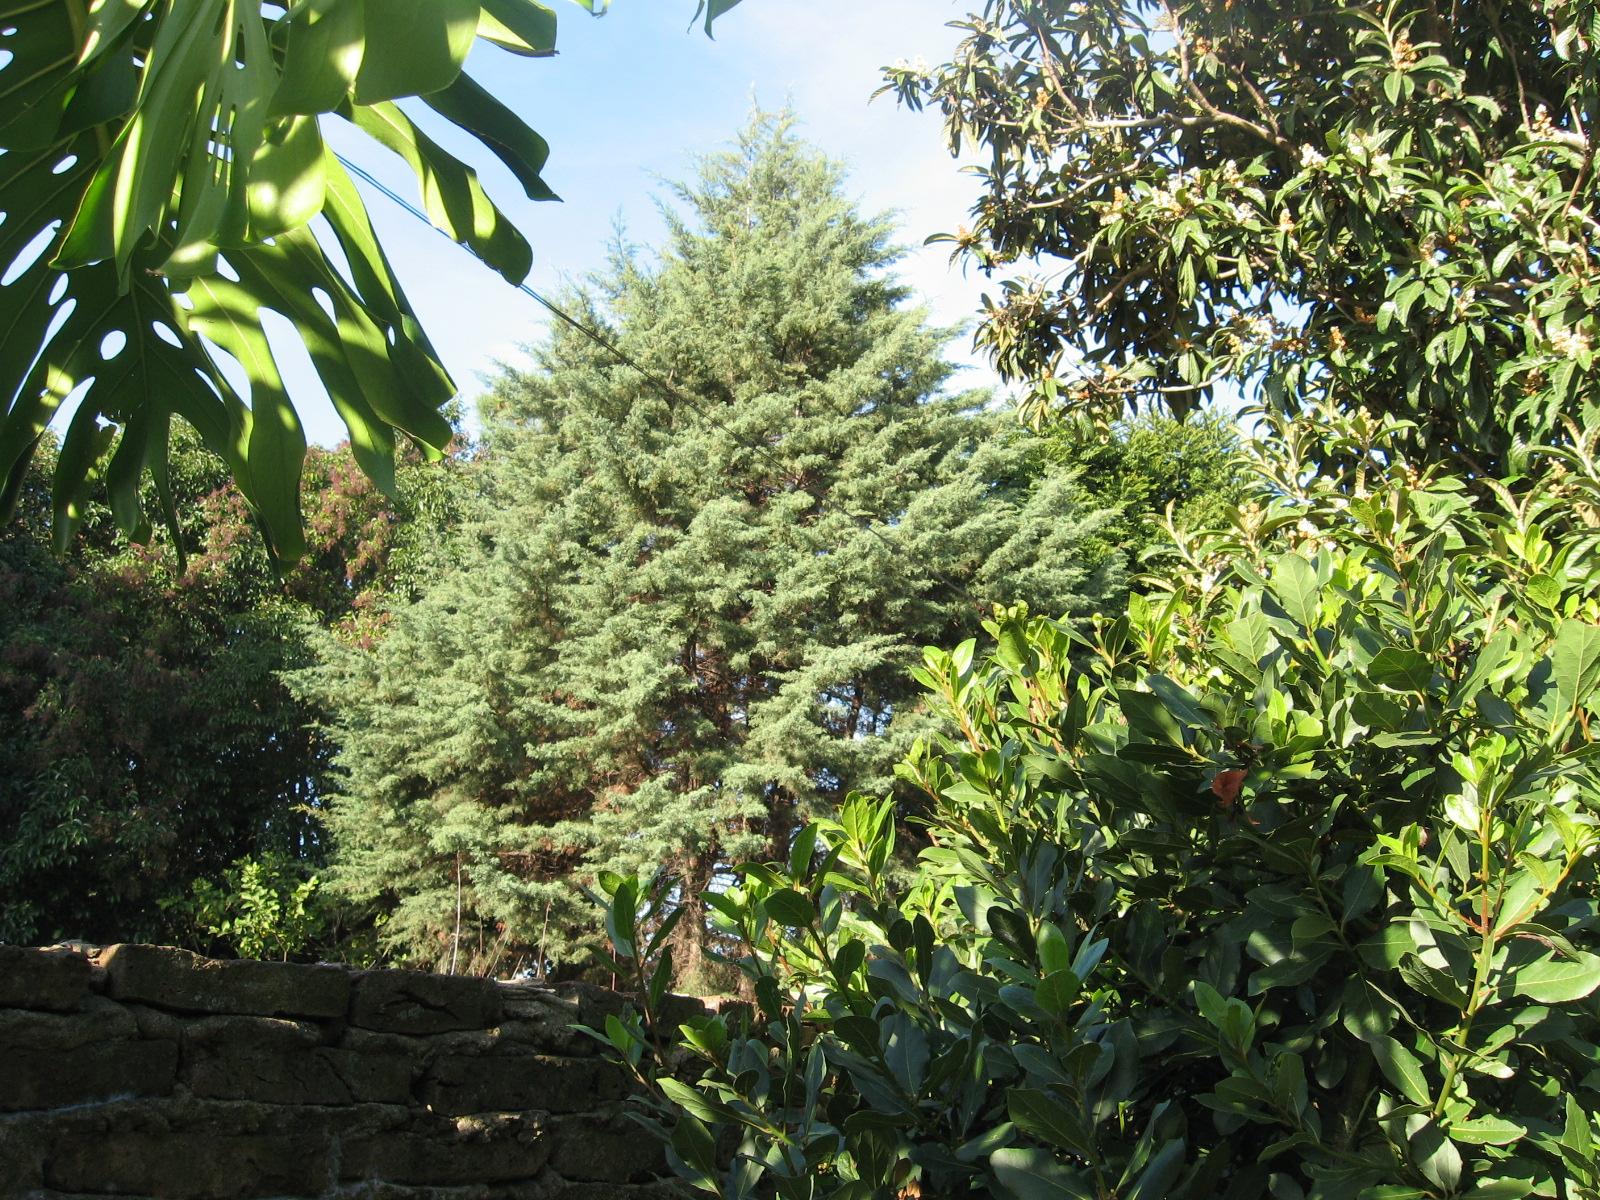 Explorando en el jard n los aromas del jard n for Coniferas de jardin